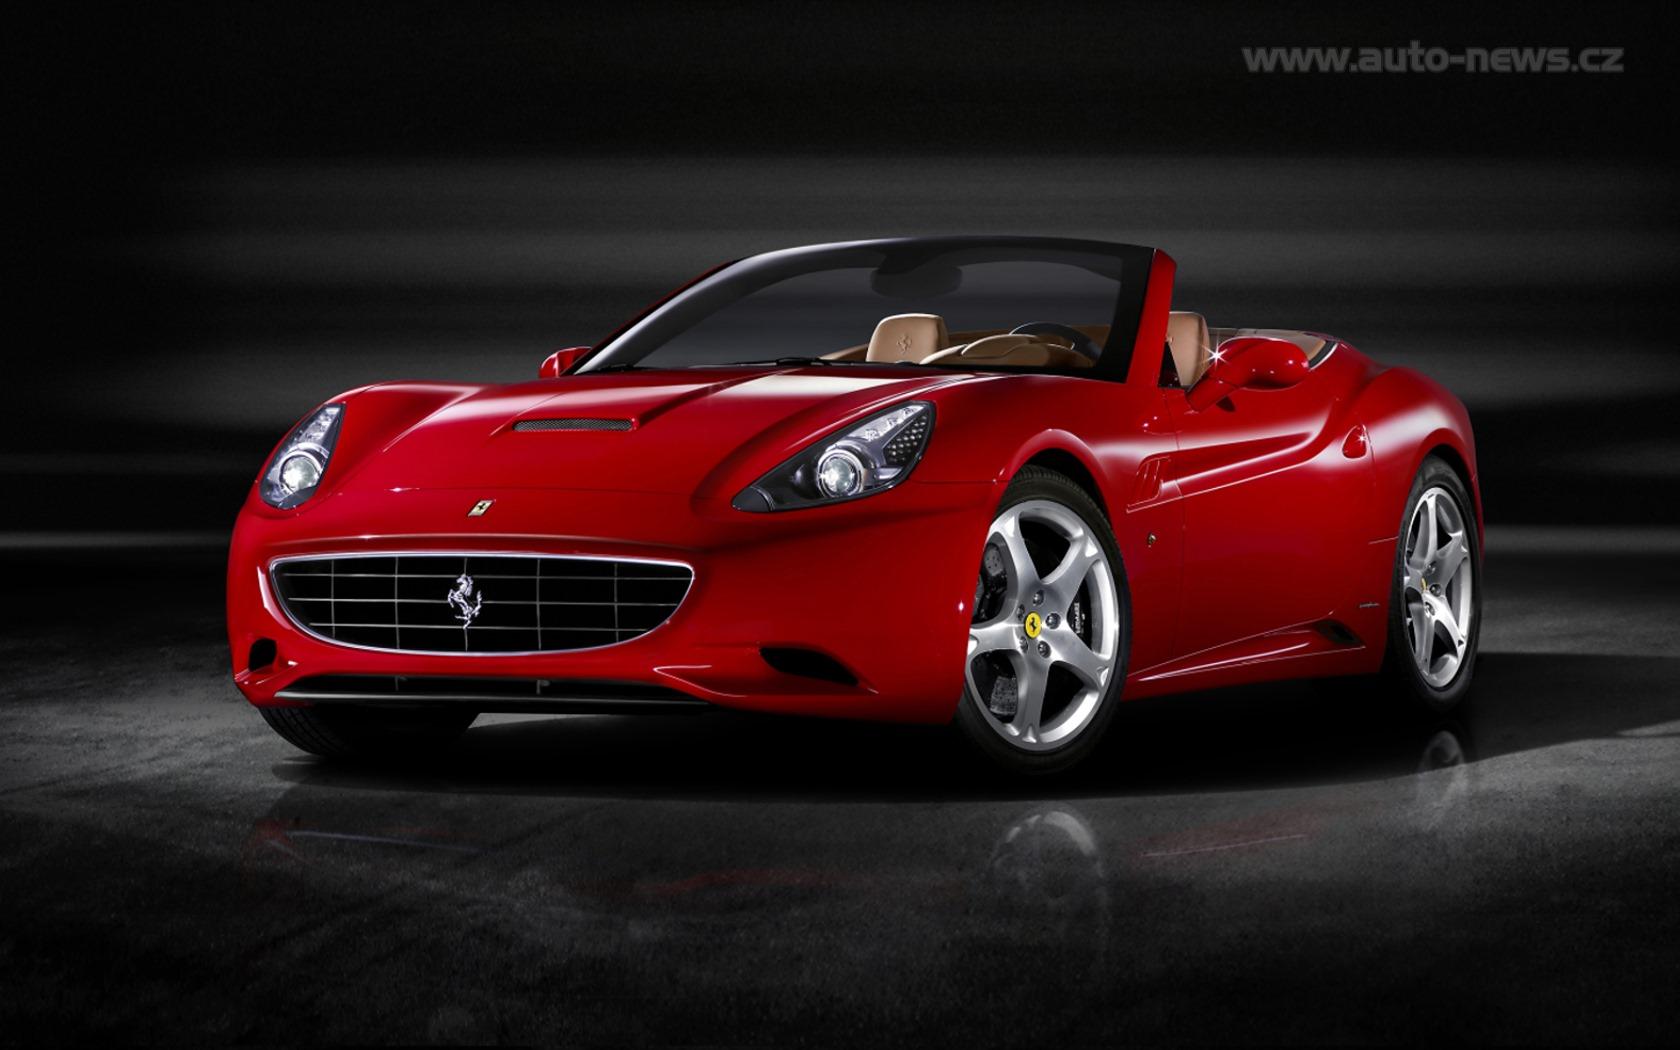 Ferrari plánuje vyrábět LaFerrari Spider. Nástupce Dina se ale nedočkáme - anotační foto